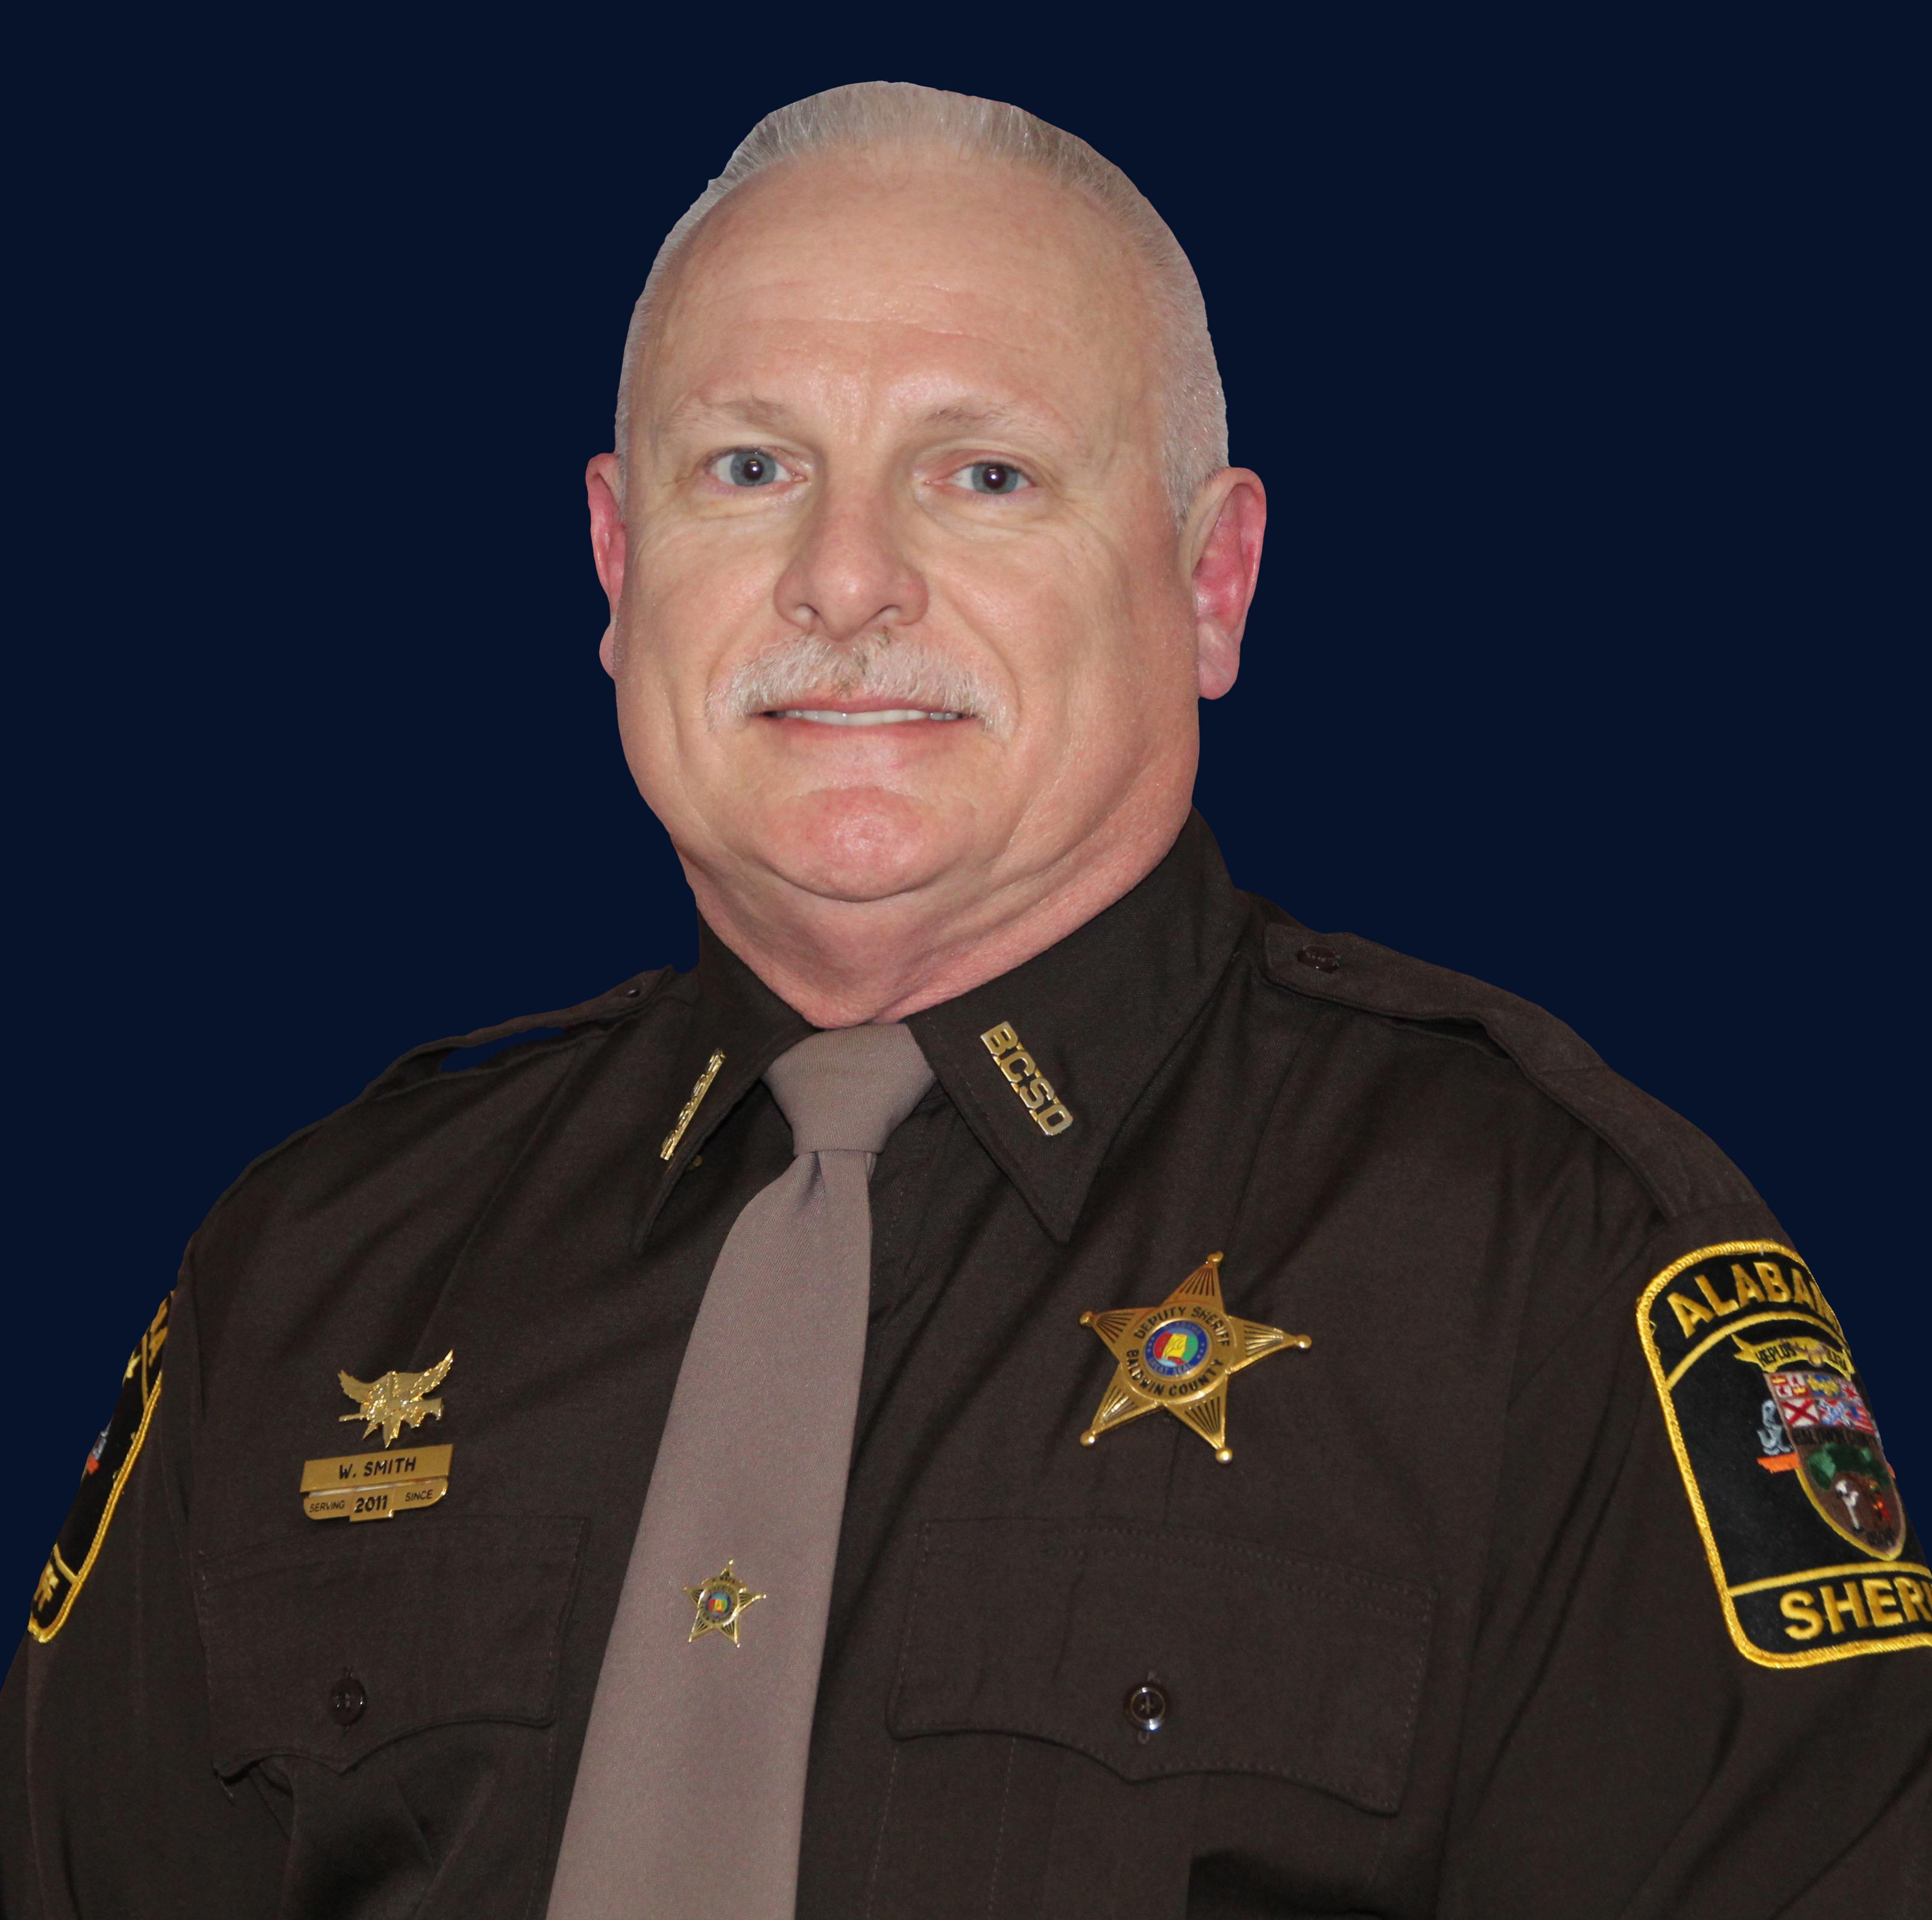 Deputy Sheriff William H. Smith | Baldwin County Sheriff's Office, Alabama